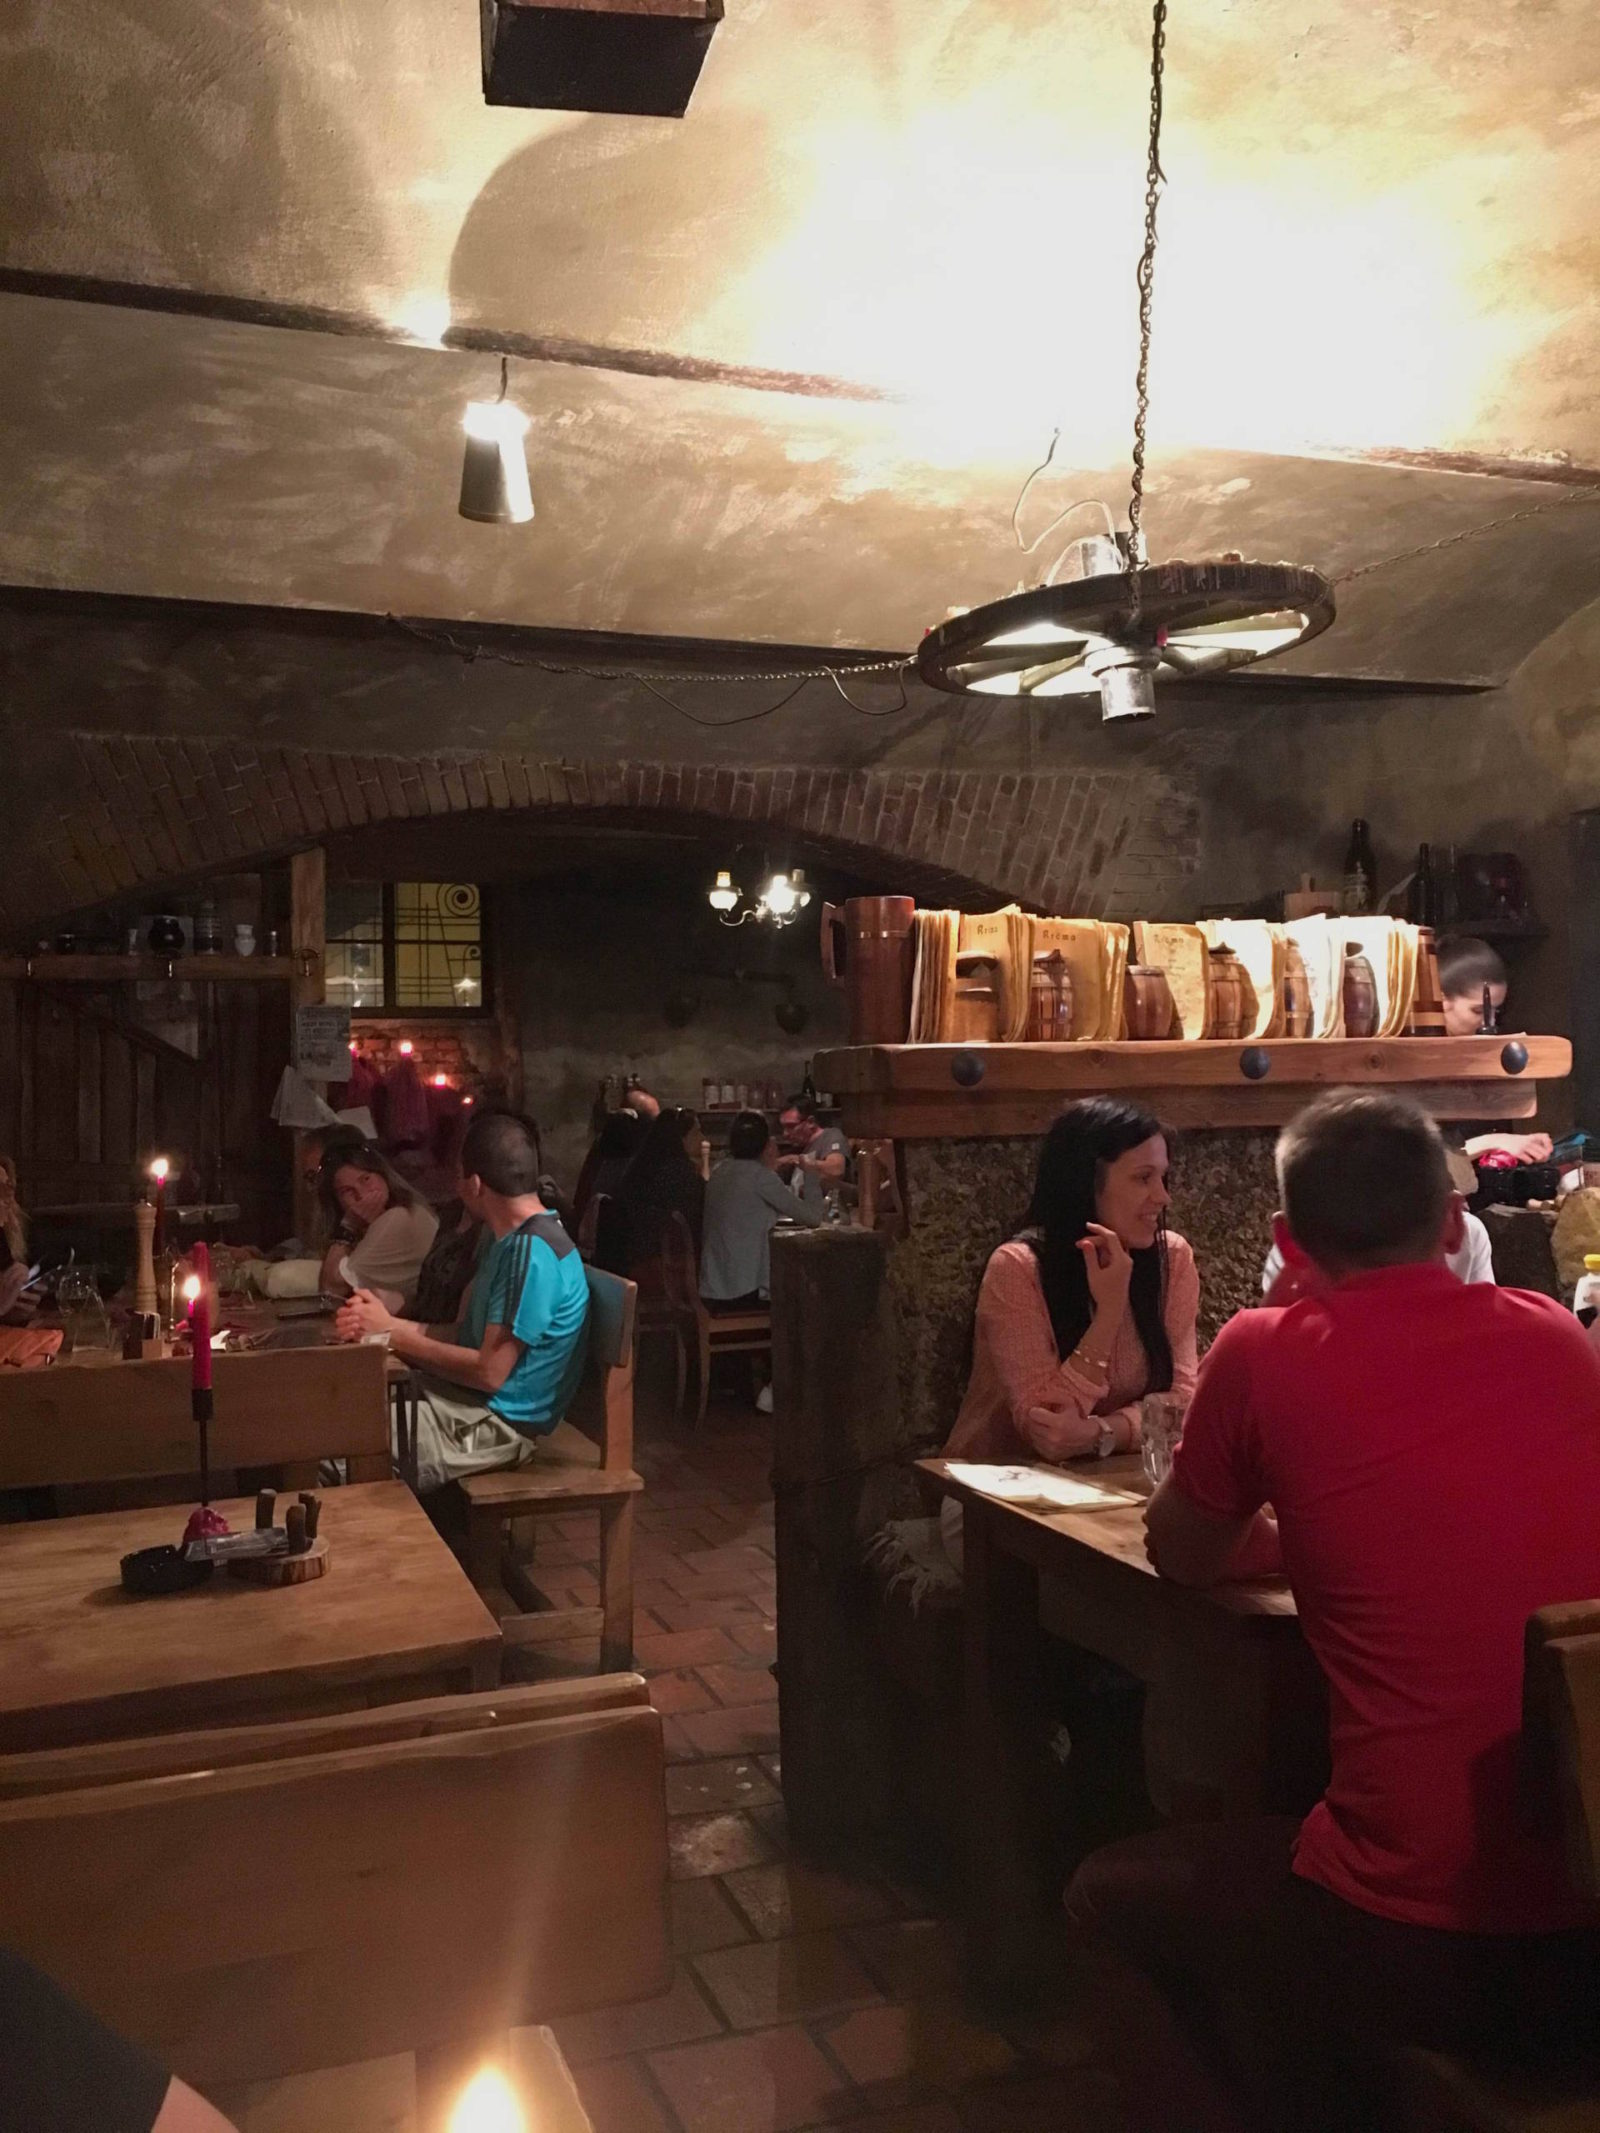 Krcma - Places to Eat in Prague - StefanieGrace.com